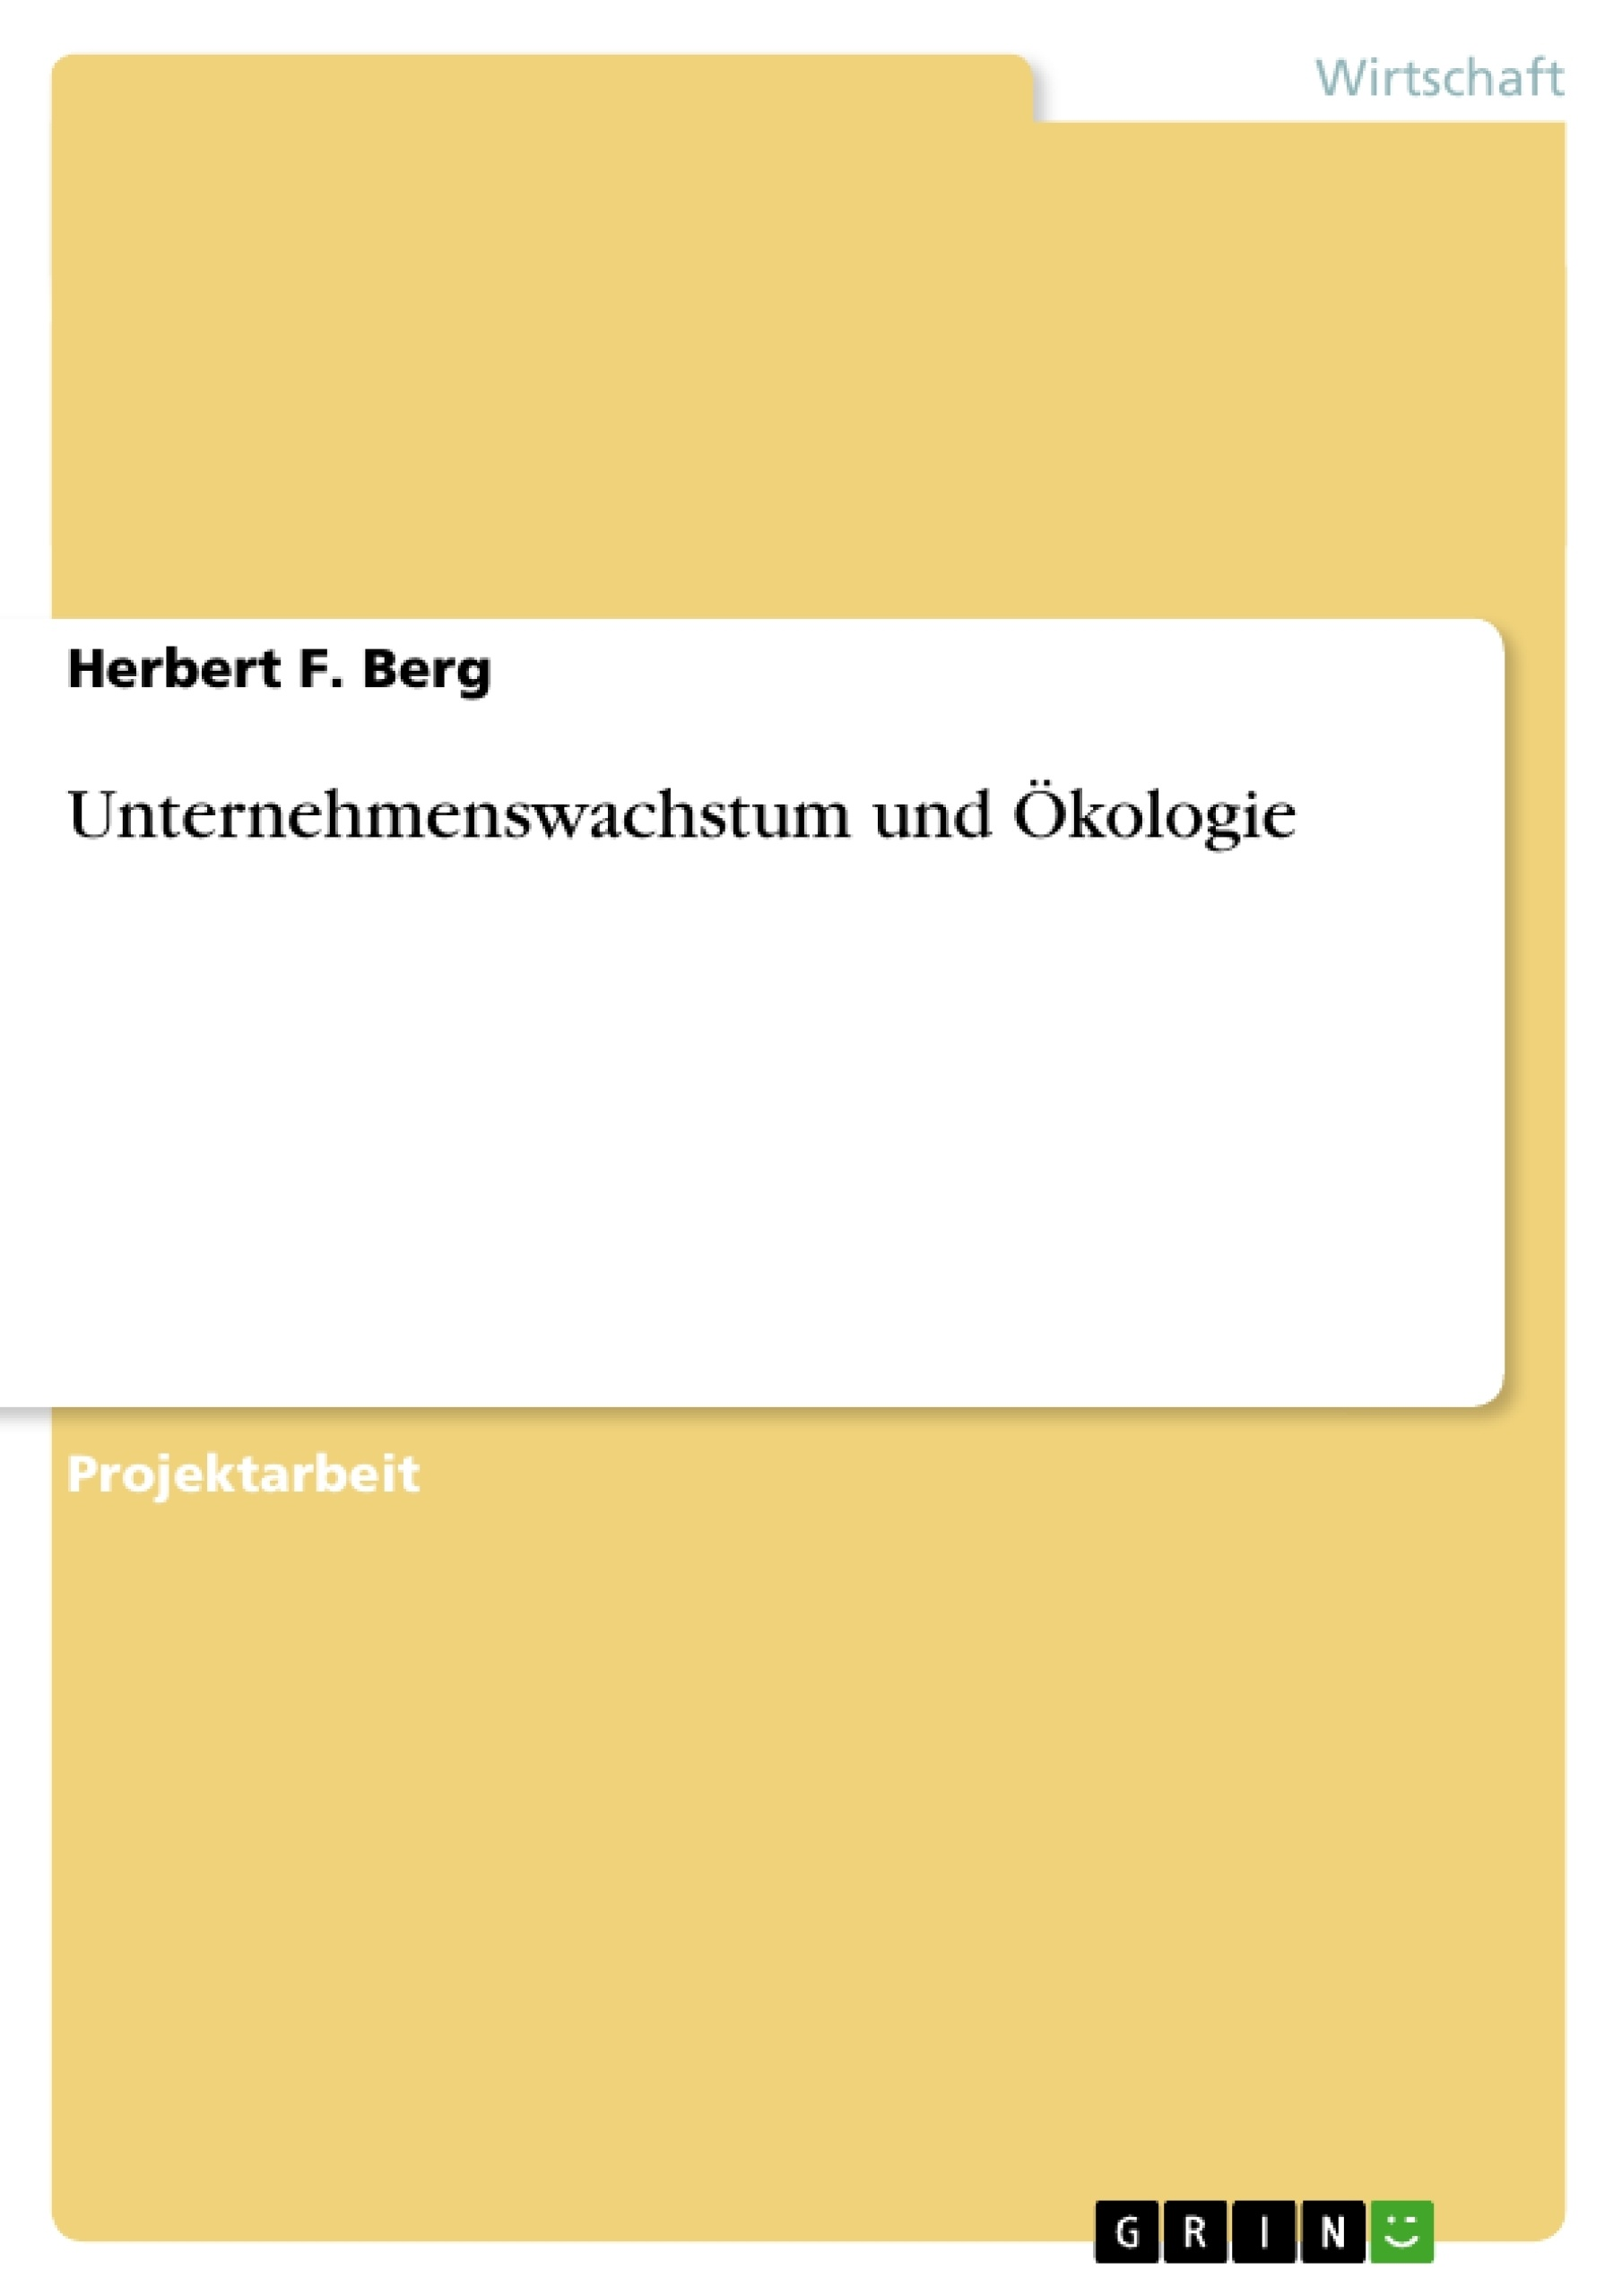 Titel: Unternehmenswachstum und Ökologie